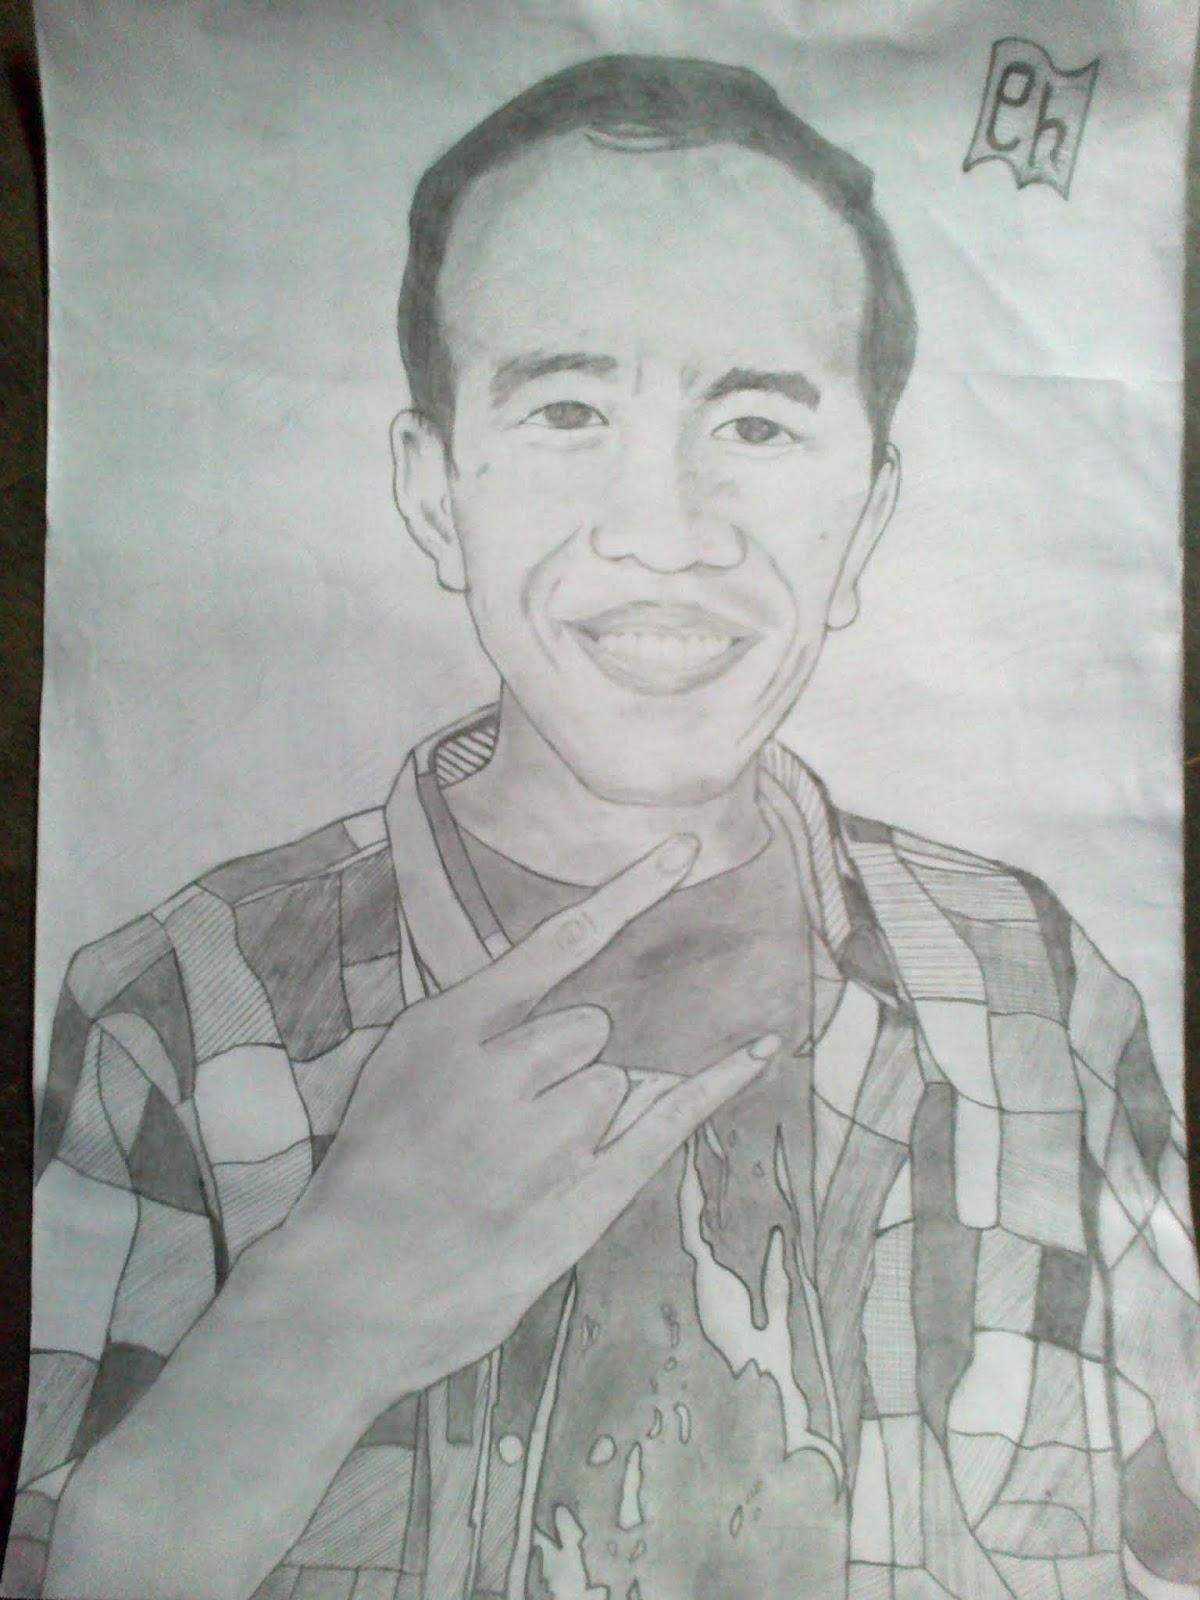 Kumpulan Contoh Sketsa Gambar Presiden Jokowi Informasi